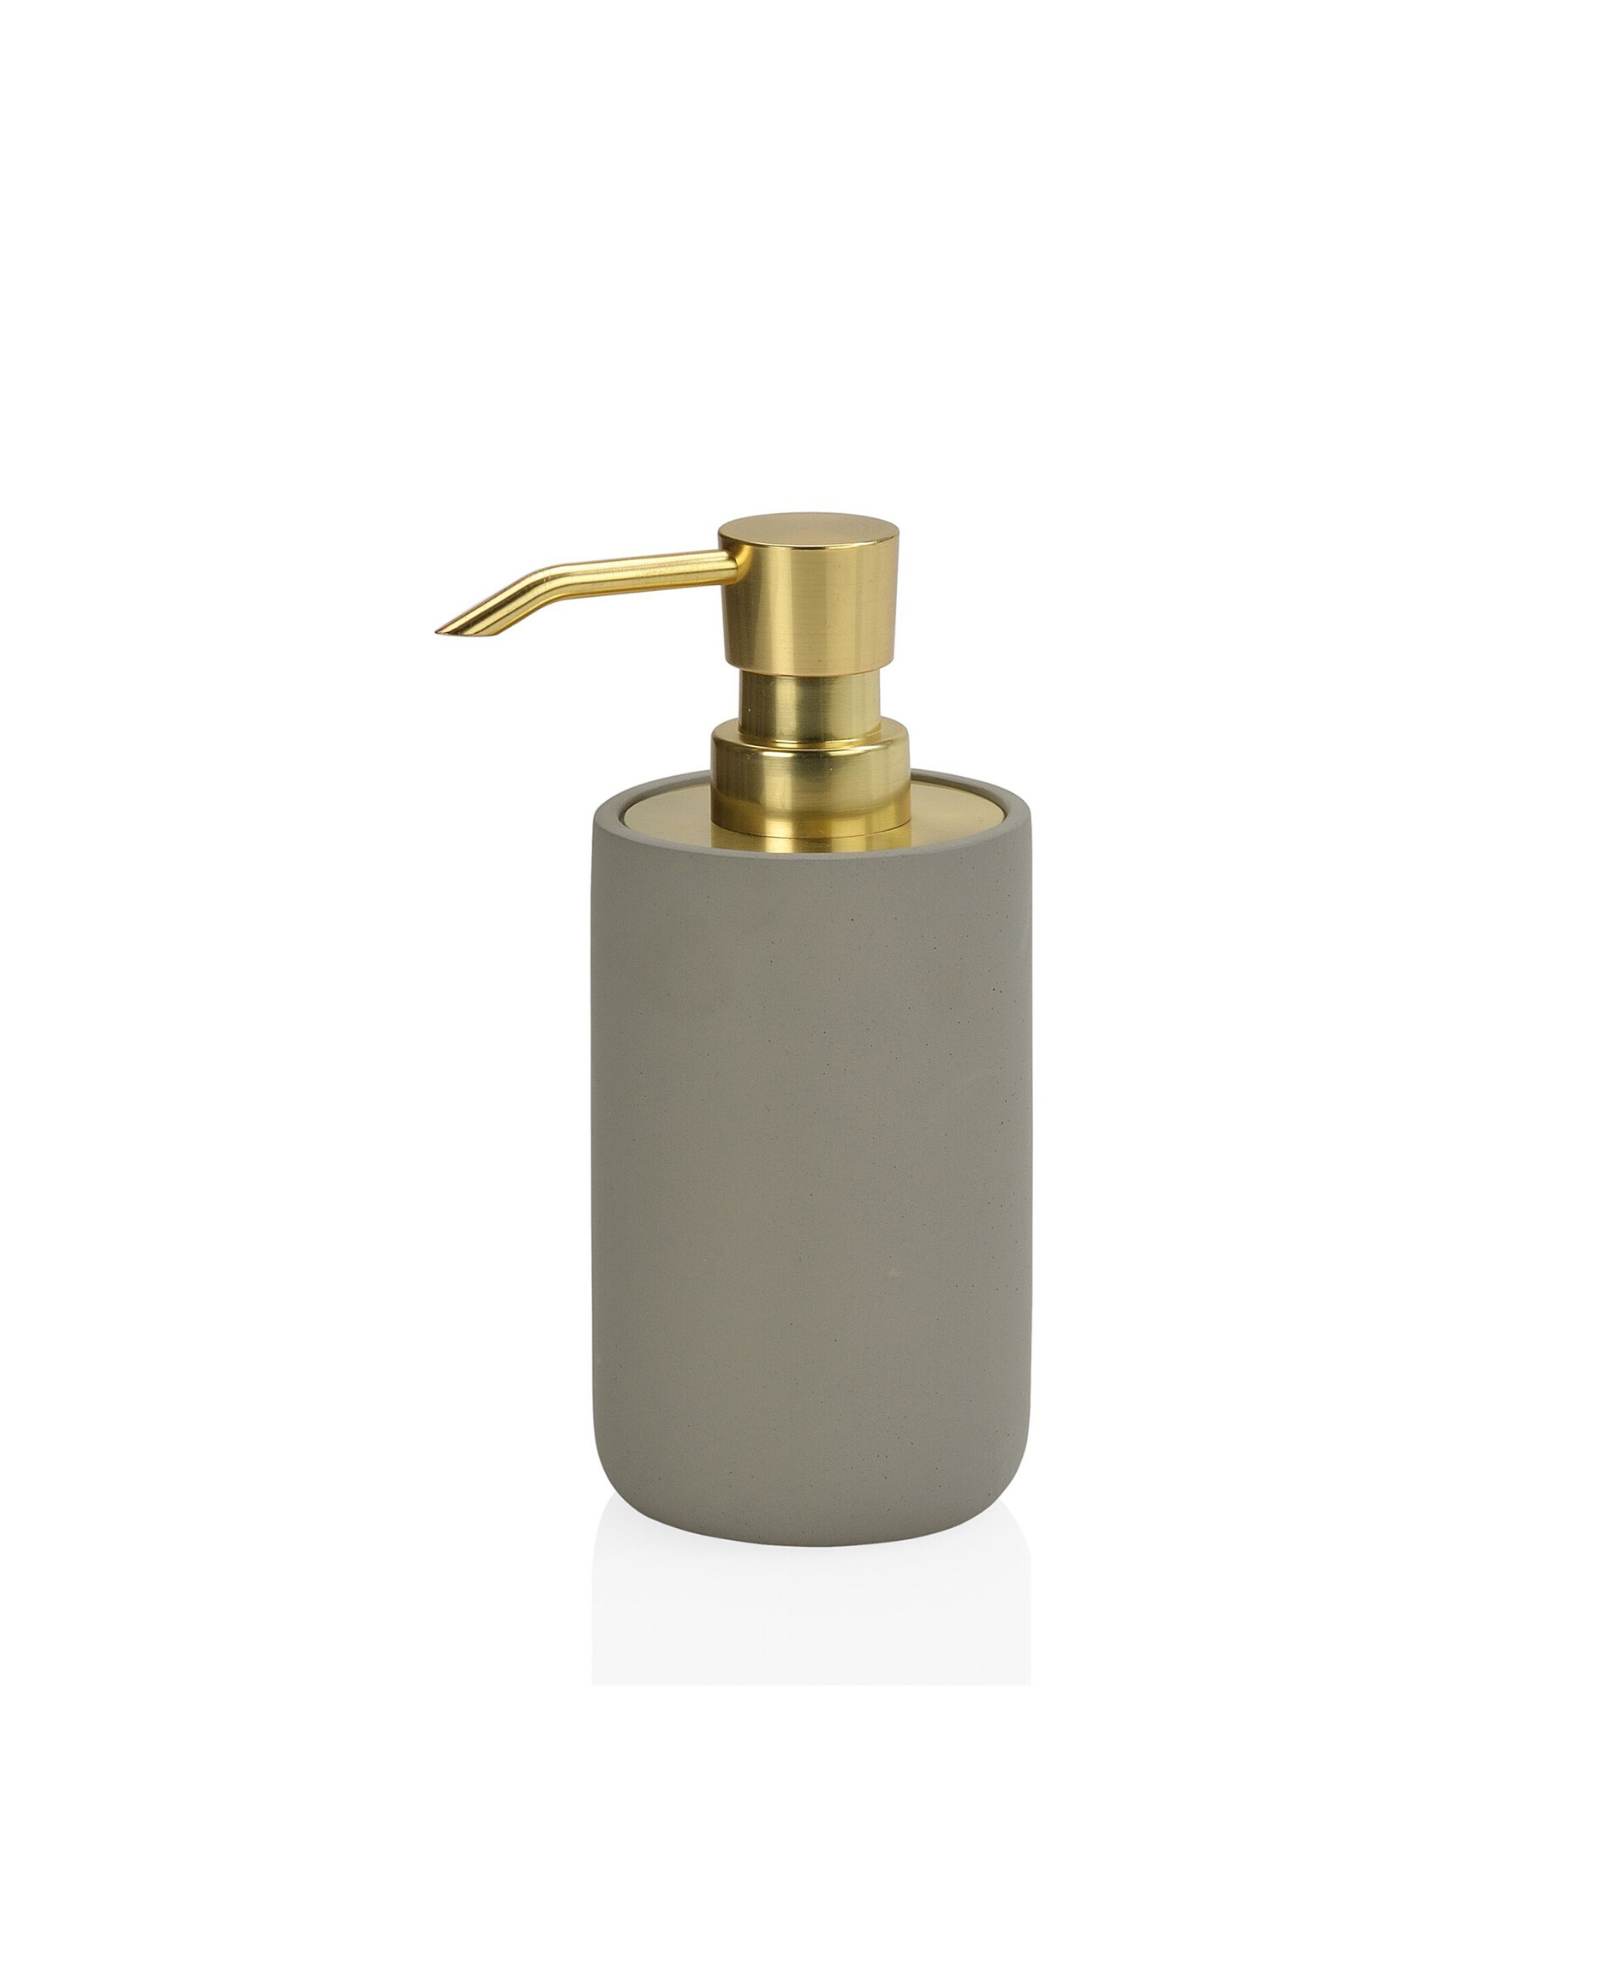 colecao banho cinza dourado dispensador copo (002)